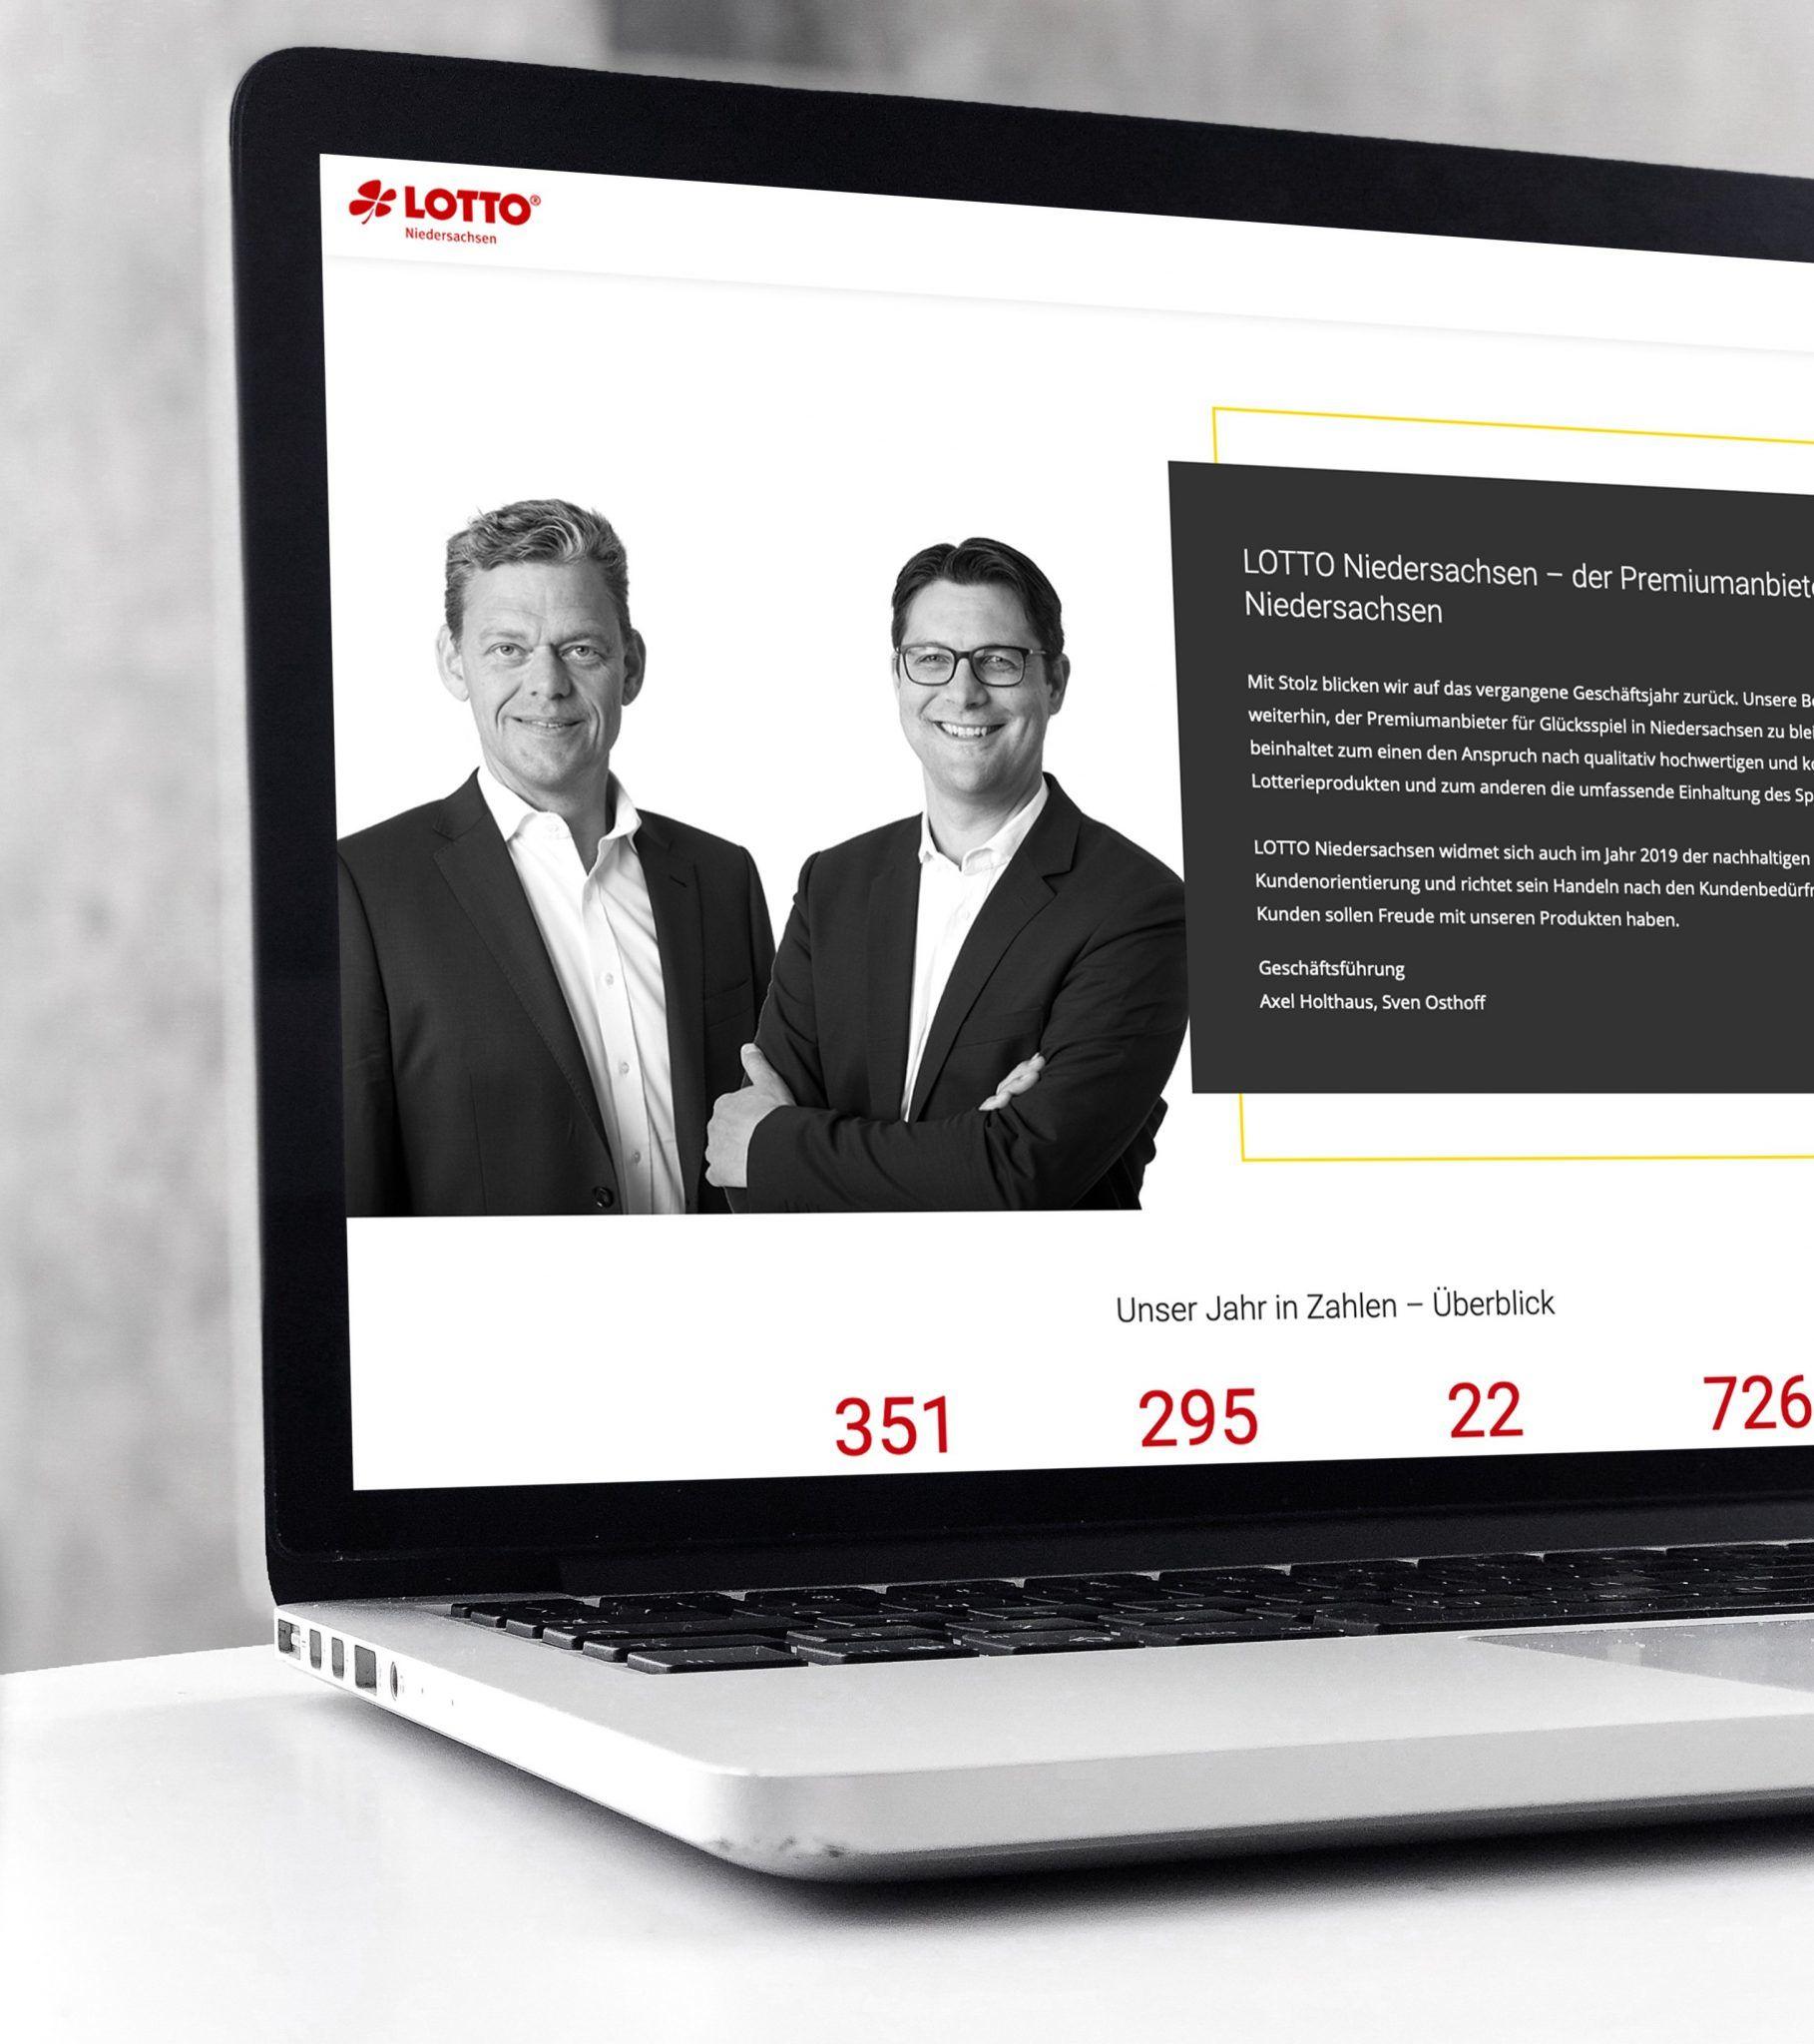 Die Startseite des digitalen Geschäftsberichts 2018 von Lotto Niedersachsen dargestellt auf einem Laptop